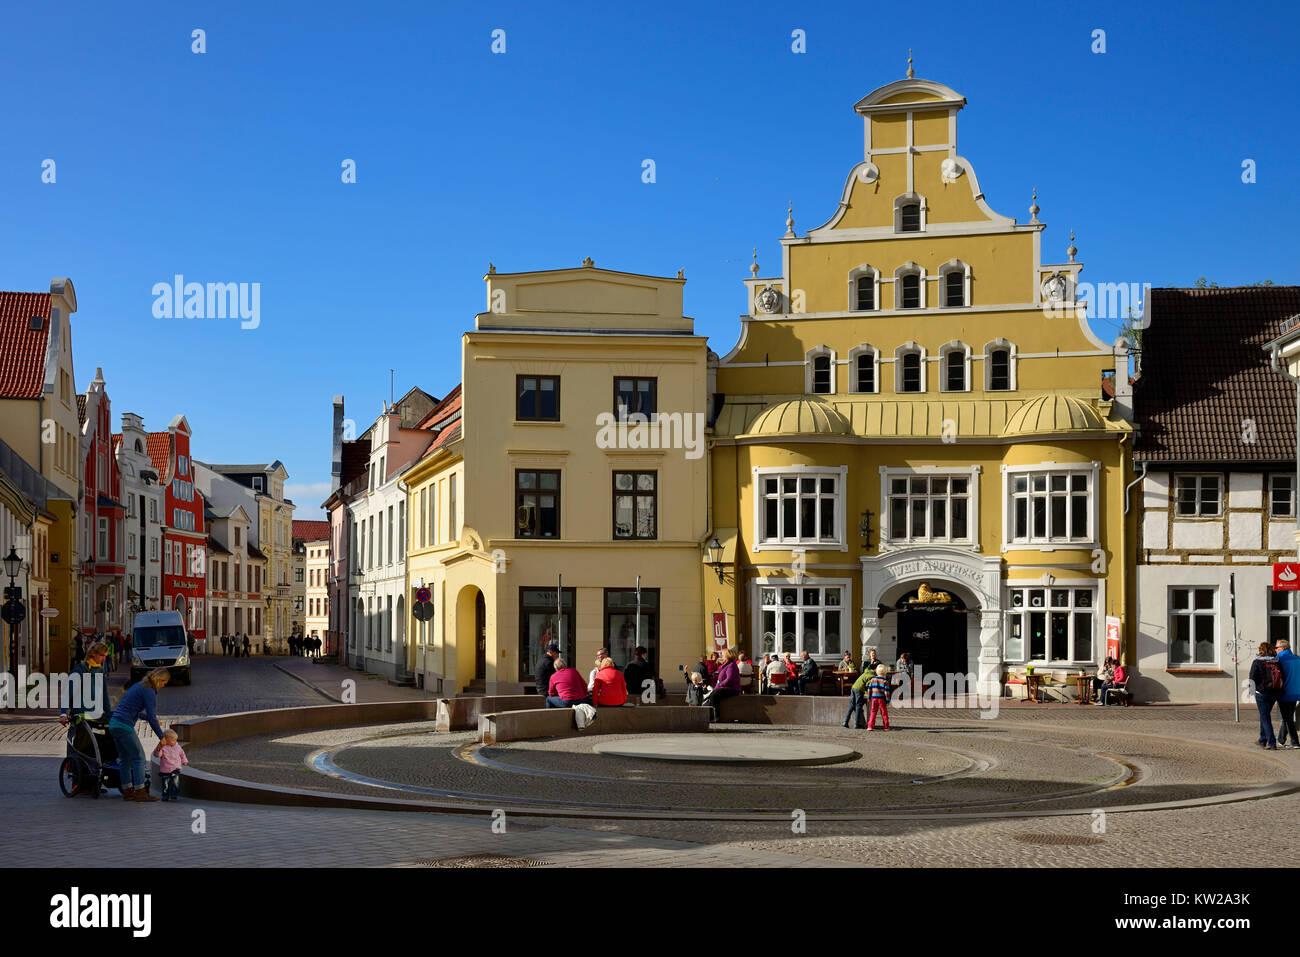 Wismar, hop market with former lion's chemist's shop, Hopfenmarkt mit ehemaliger Löwenapotheke - Stock Image